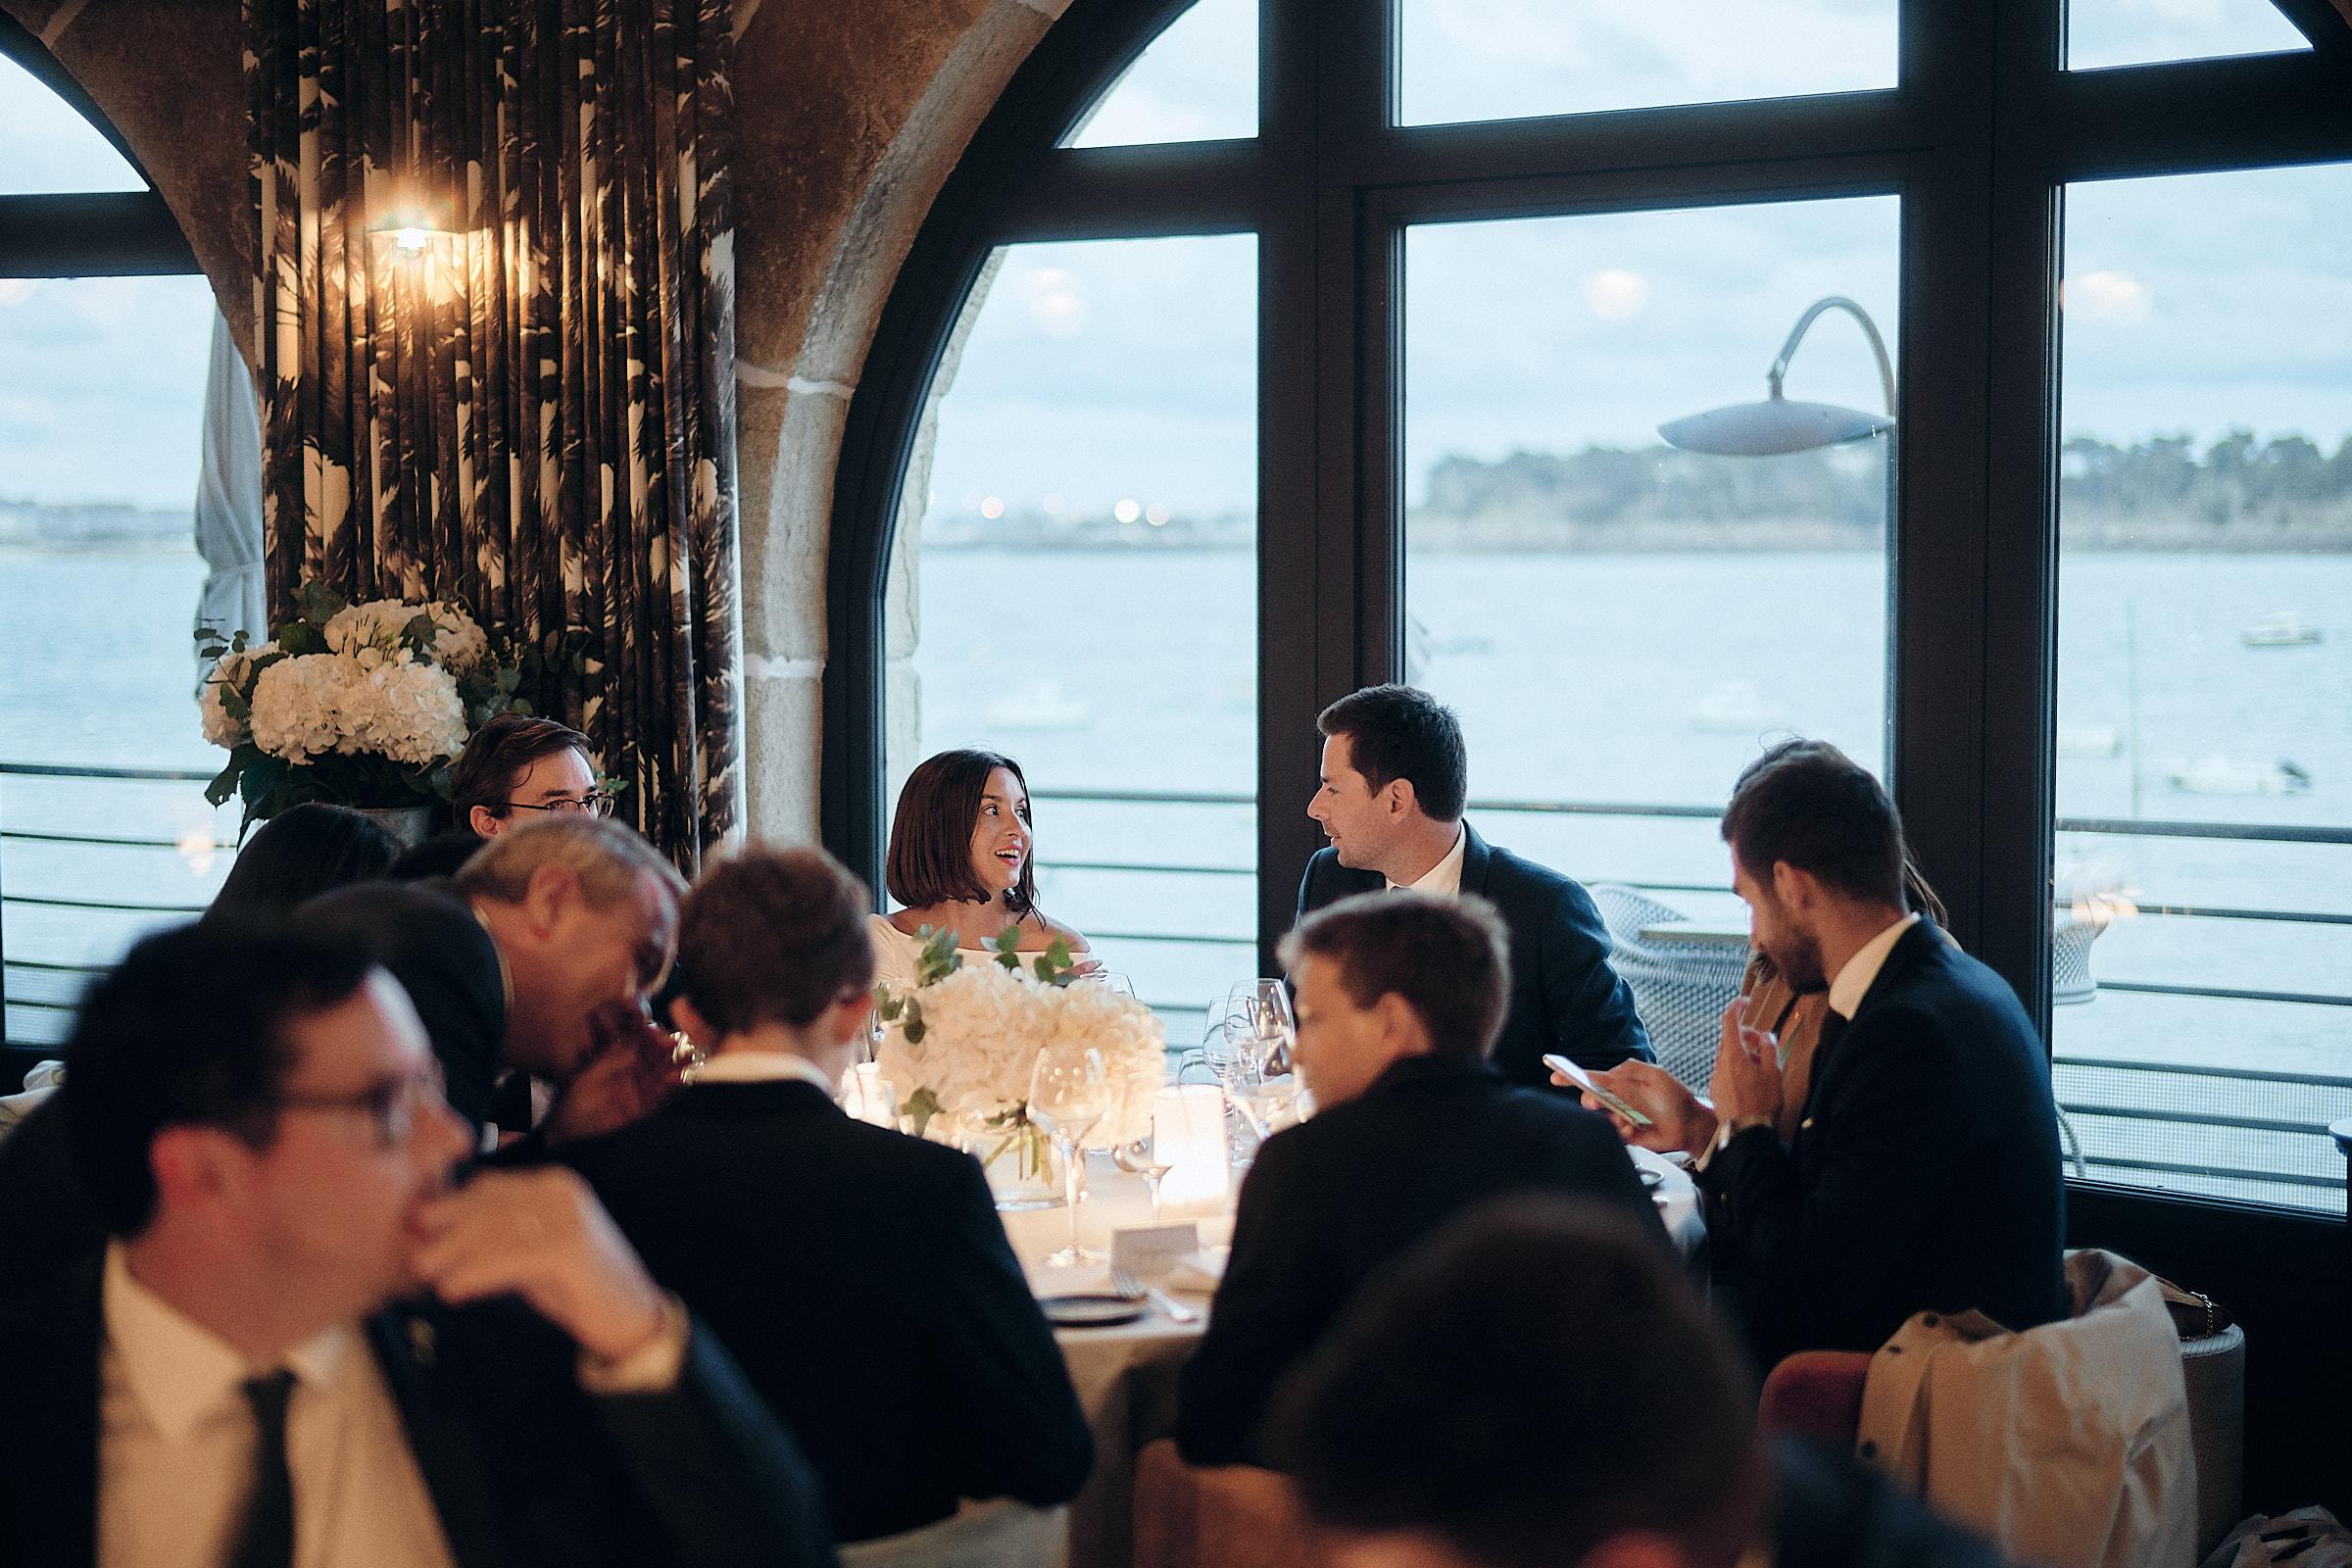 debut du repas dans la salle du restaurant de l'hotel castelbrac à dinard